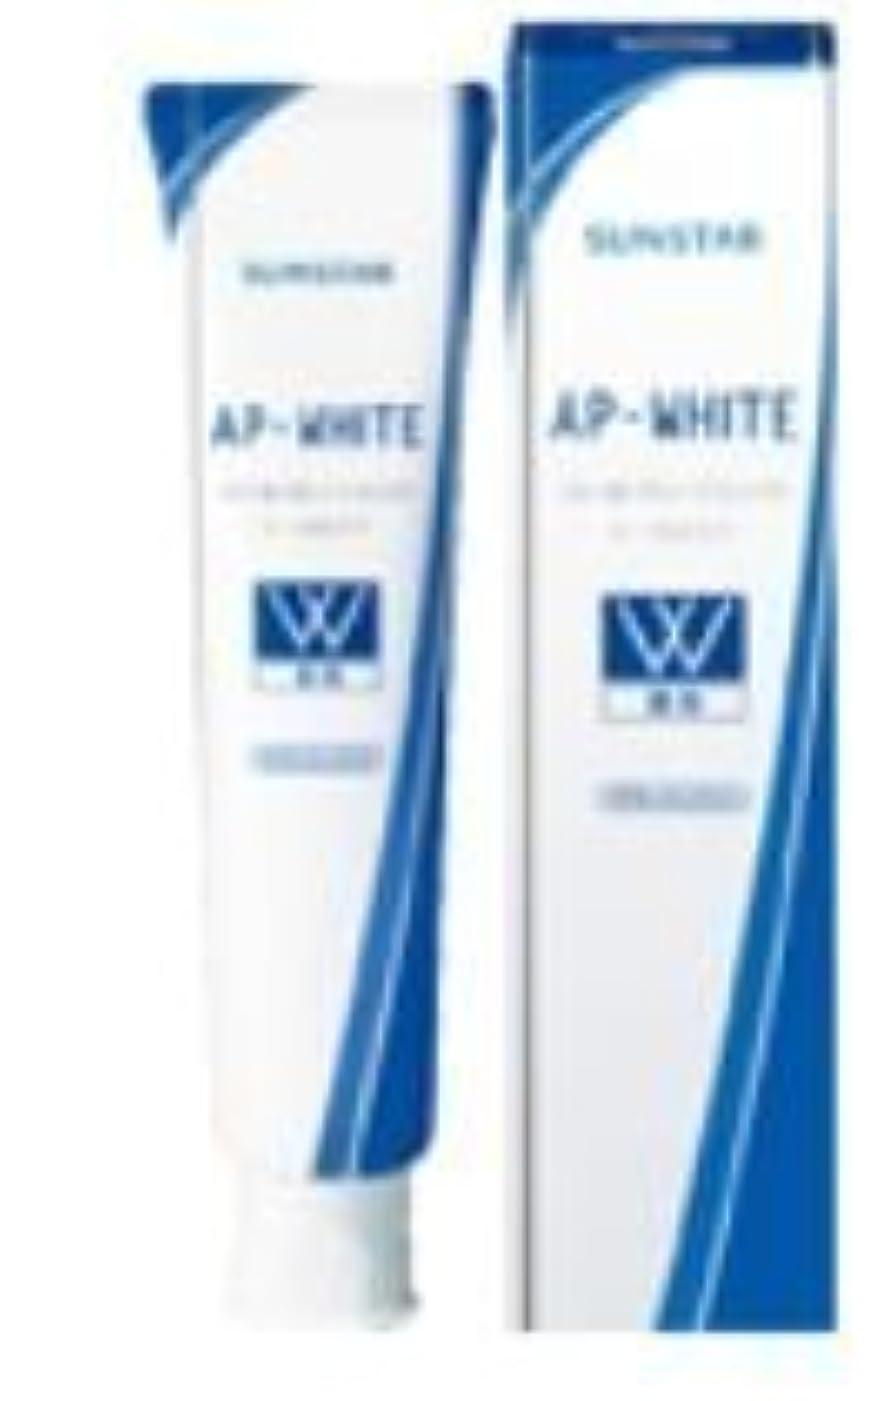 追い付く服を着るオフェンス薬用APホワイトペースト リフレッシュミント 110g×5個